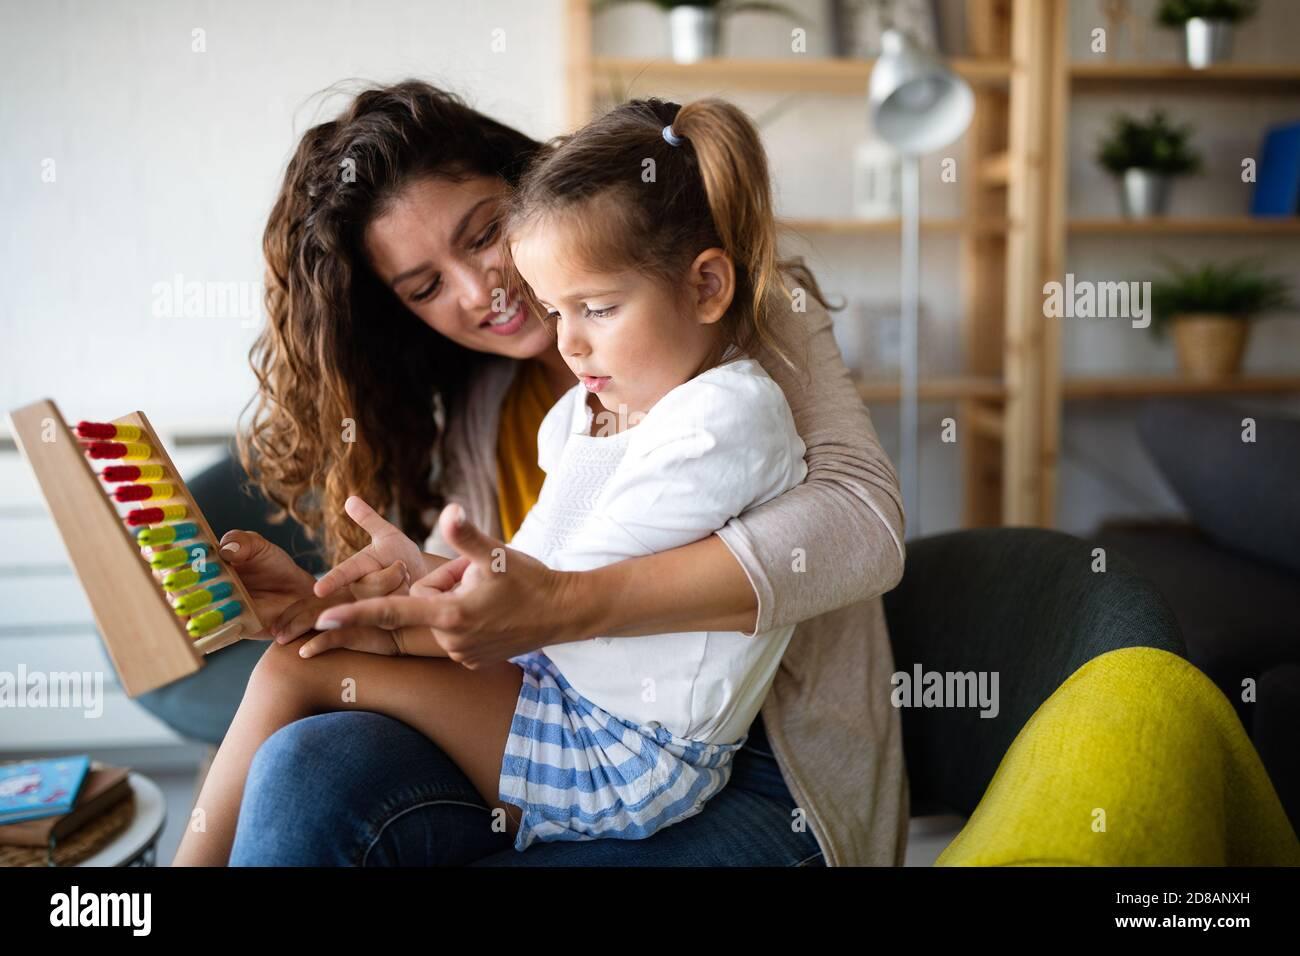 Mère et fille mignonne, petit enfant jouant avec abacus, l'éducation précoce Banque D'Images